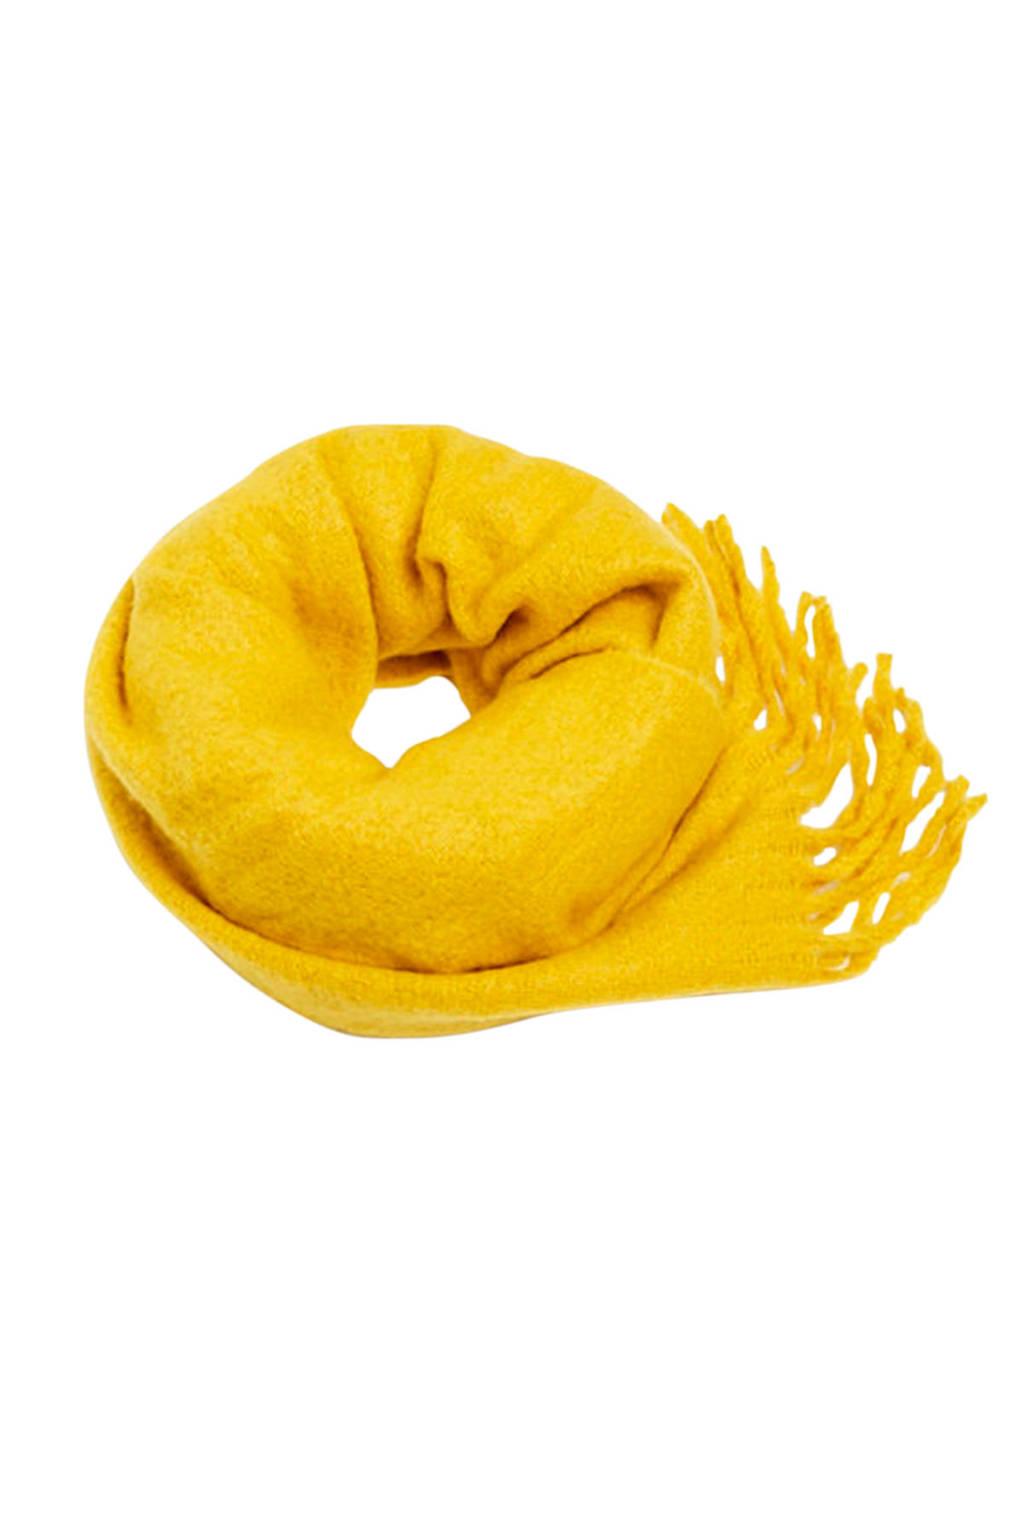 ESPRIT sjaal geel, Geel